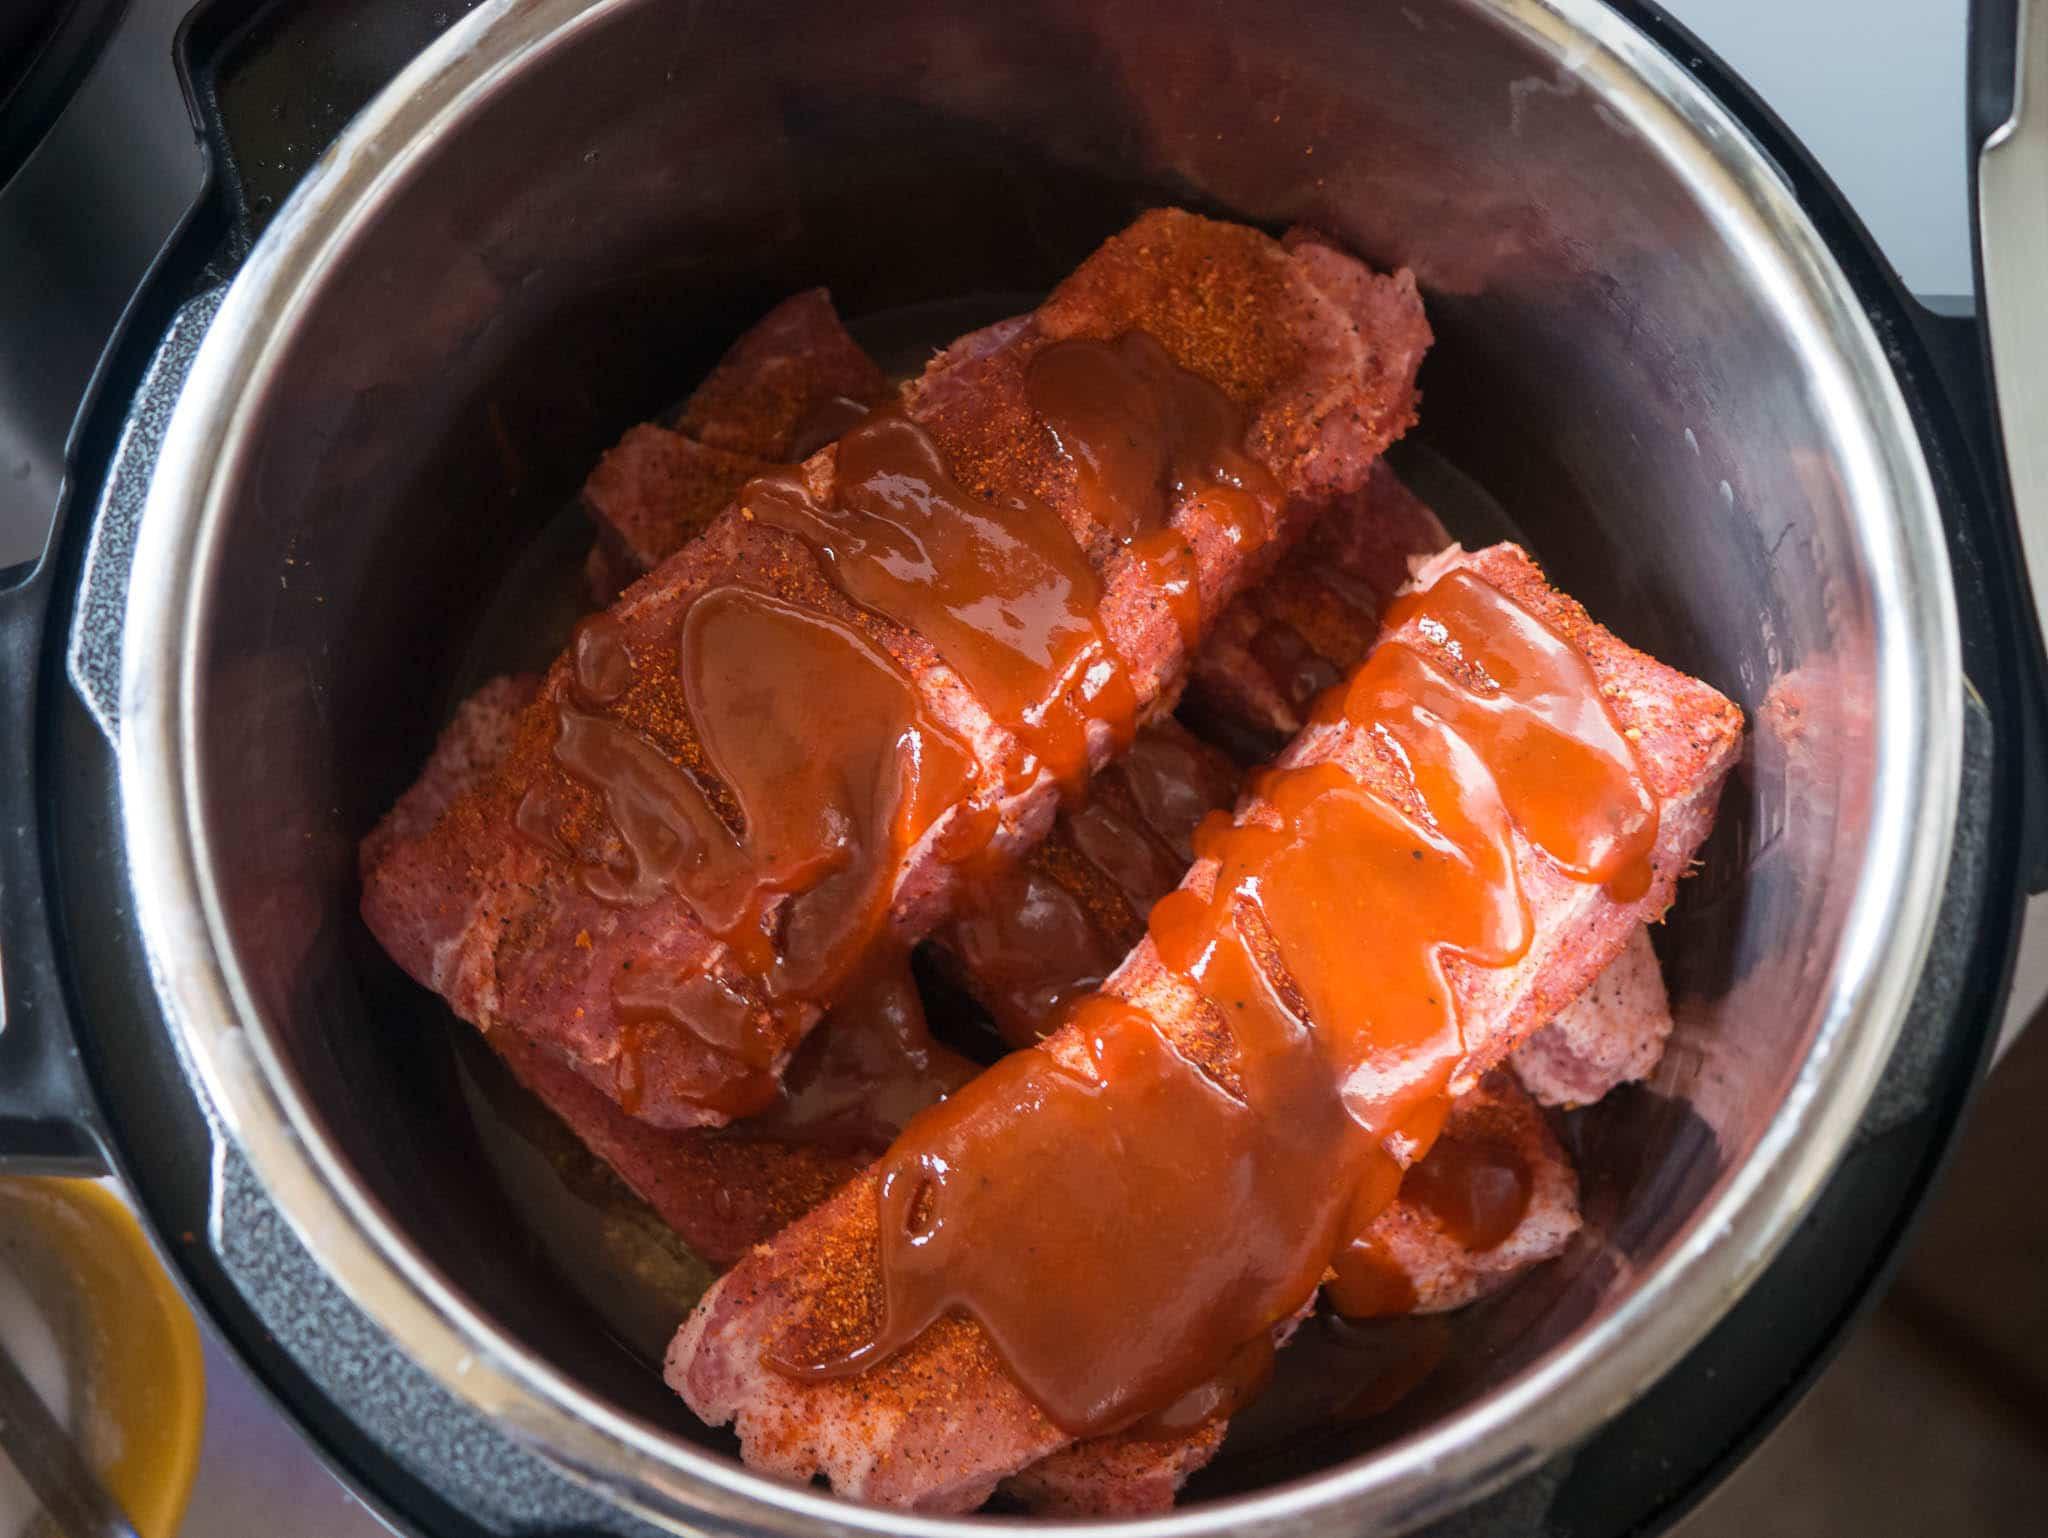 Pork Shoulder In Pressure Cooker  Pressure Cooker Pork Western Shoulder Ribs with Barbecue